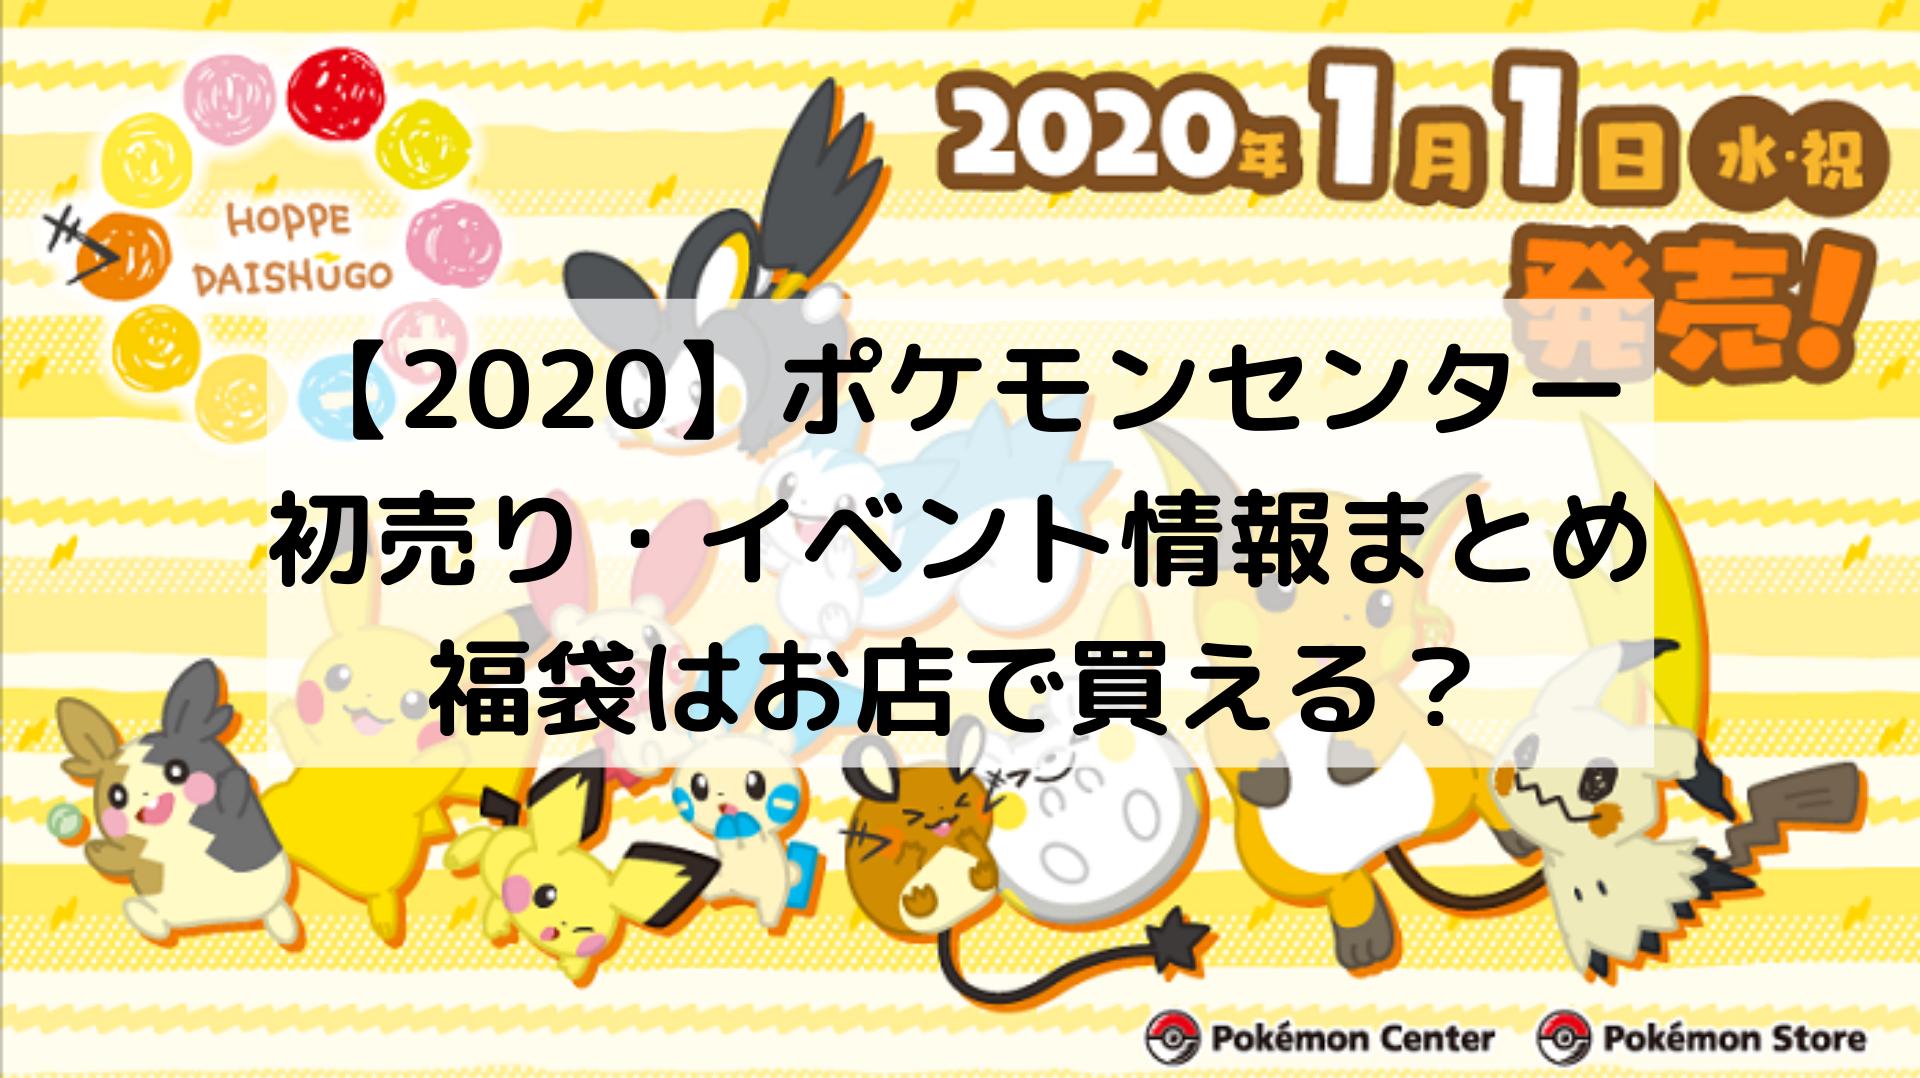 2020 ポケモン 福袋 ポケモンセンター福袋2020、中身ネタバレ!通販・予約方法と発売日